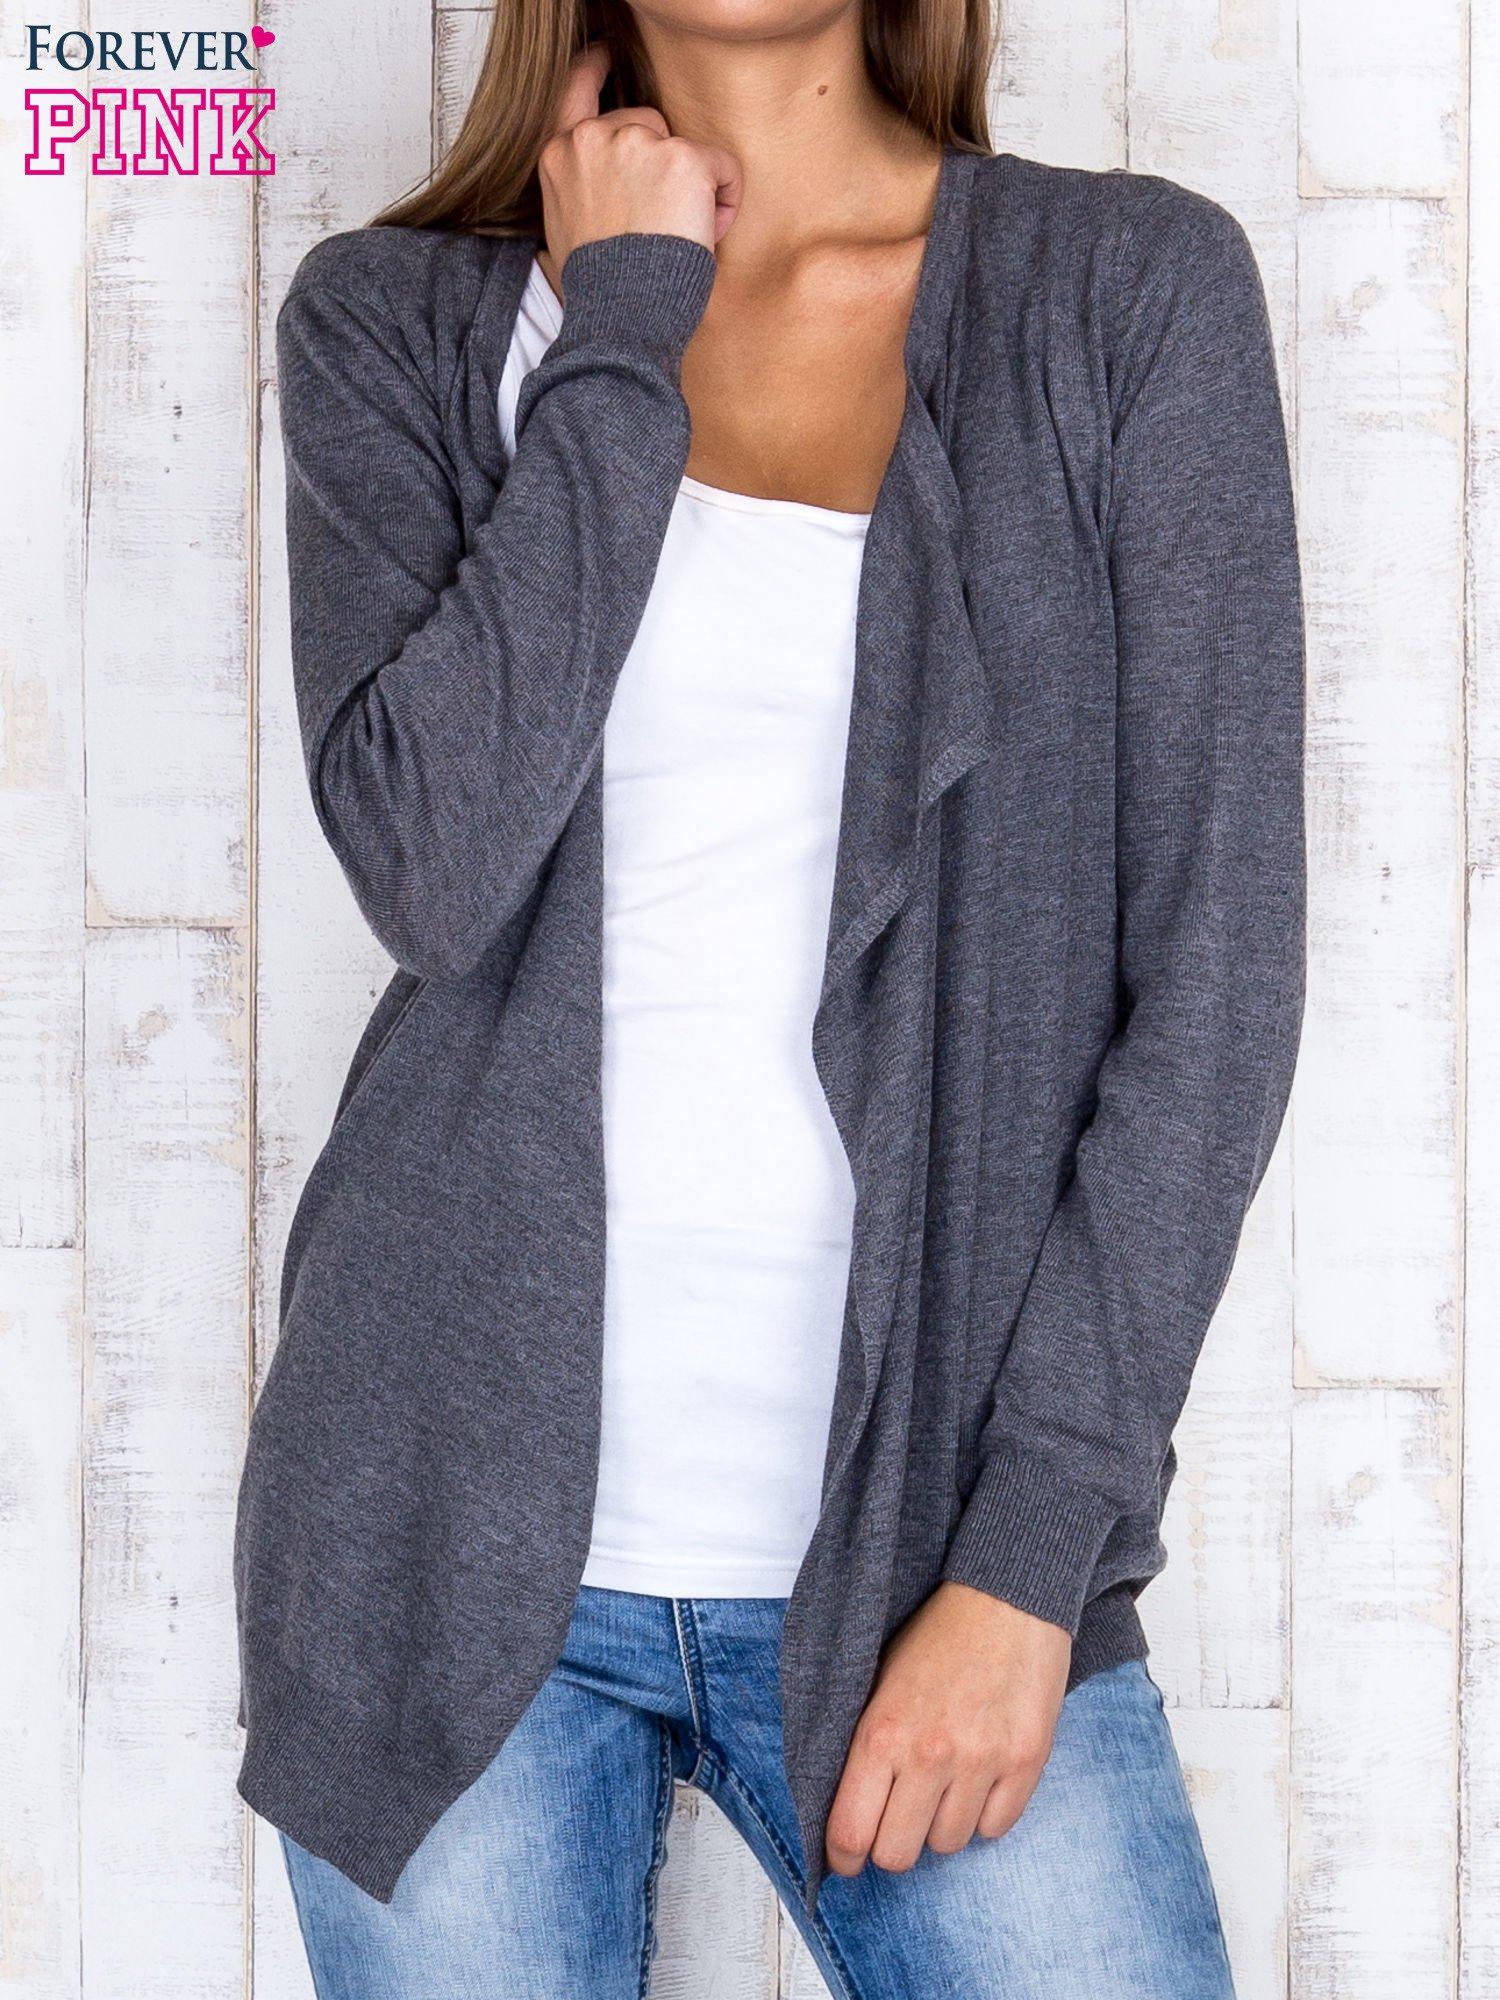 Ciemnoszary niezapinany sweter z melanżowym efektem                                  zdj.                                  1